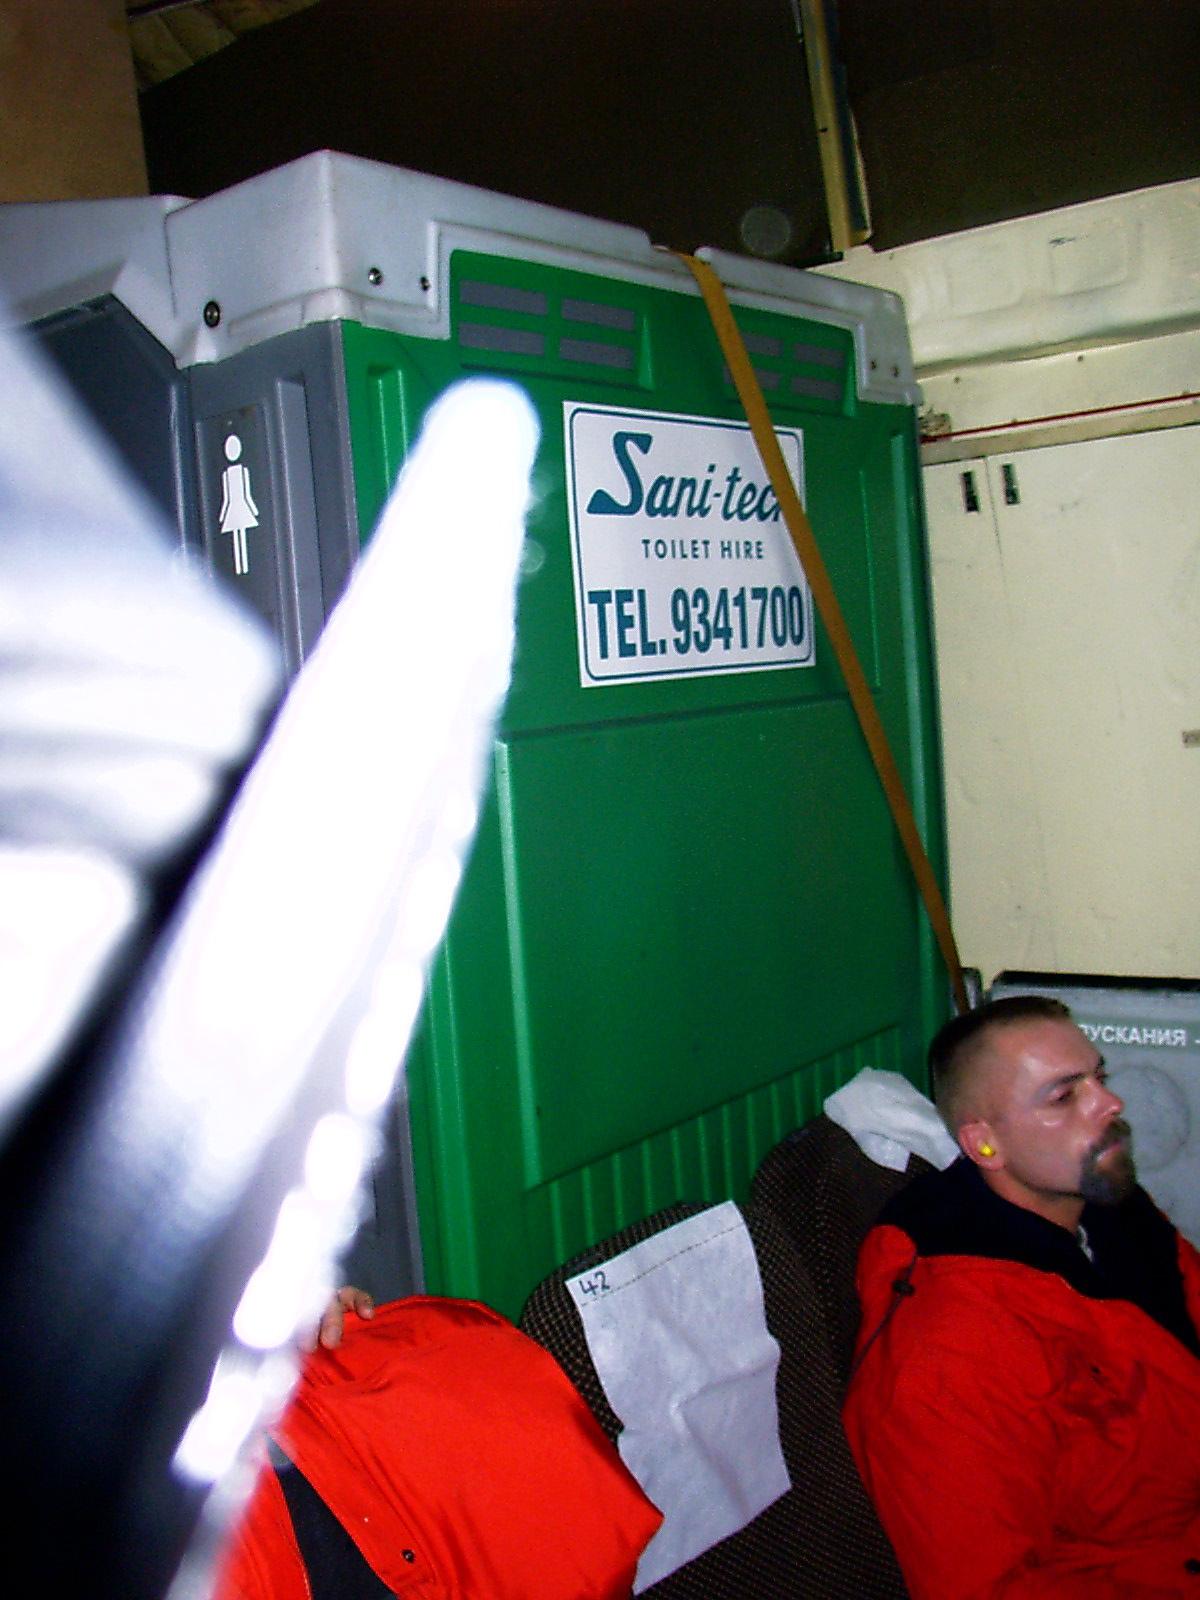 i-03e8e5851f816cf7c756fd0de34cd3cd-Toilet.JPG